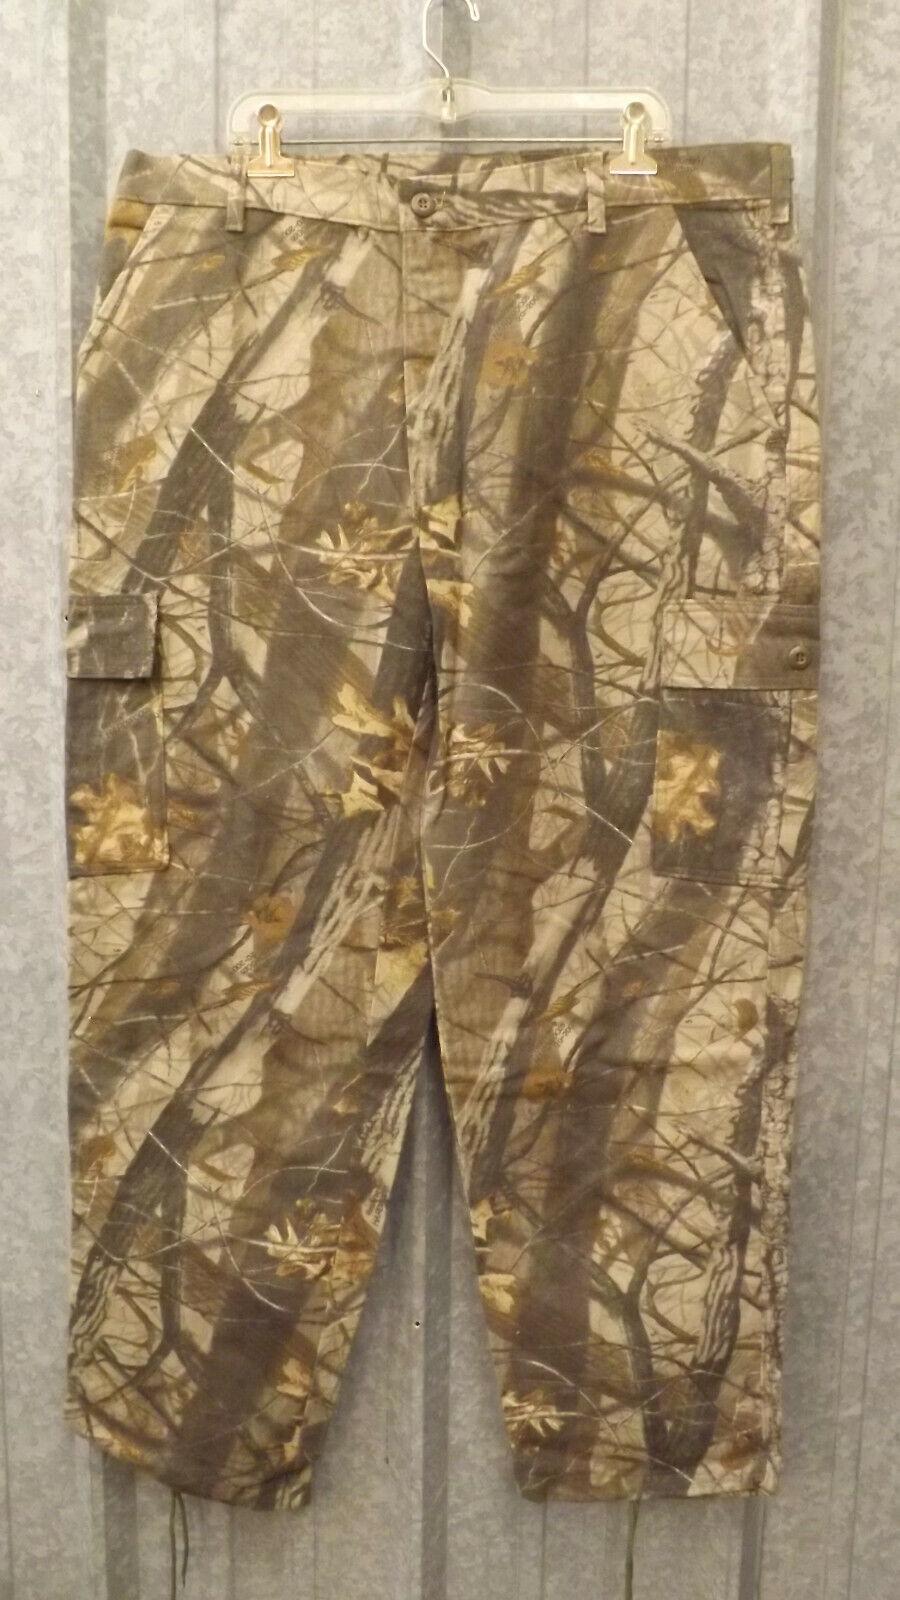 Spartan Realtree Hardwoods Camo 6 Bolsillos Cargo Pantalones de Algodón Gamuza M 32-34 EE. UU.